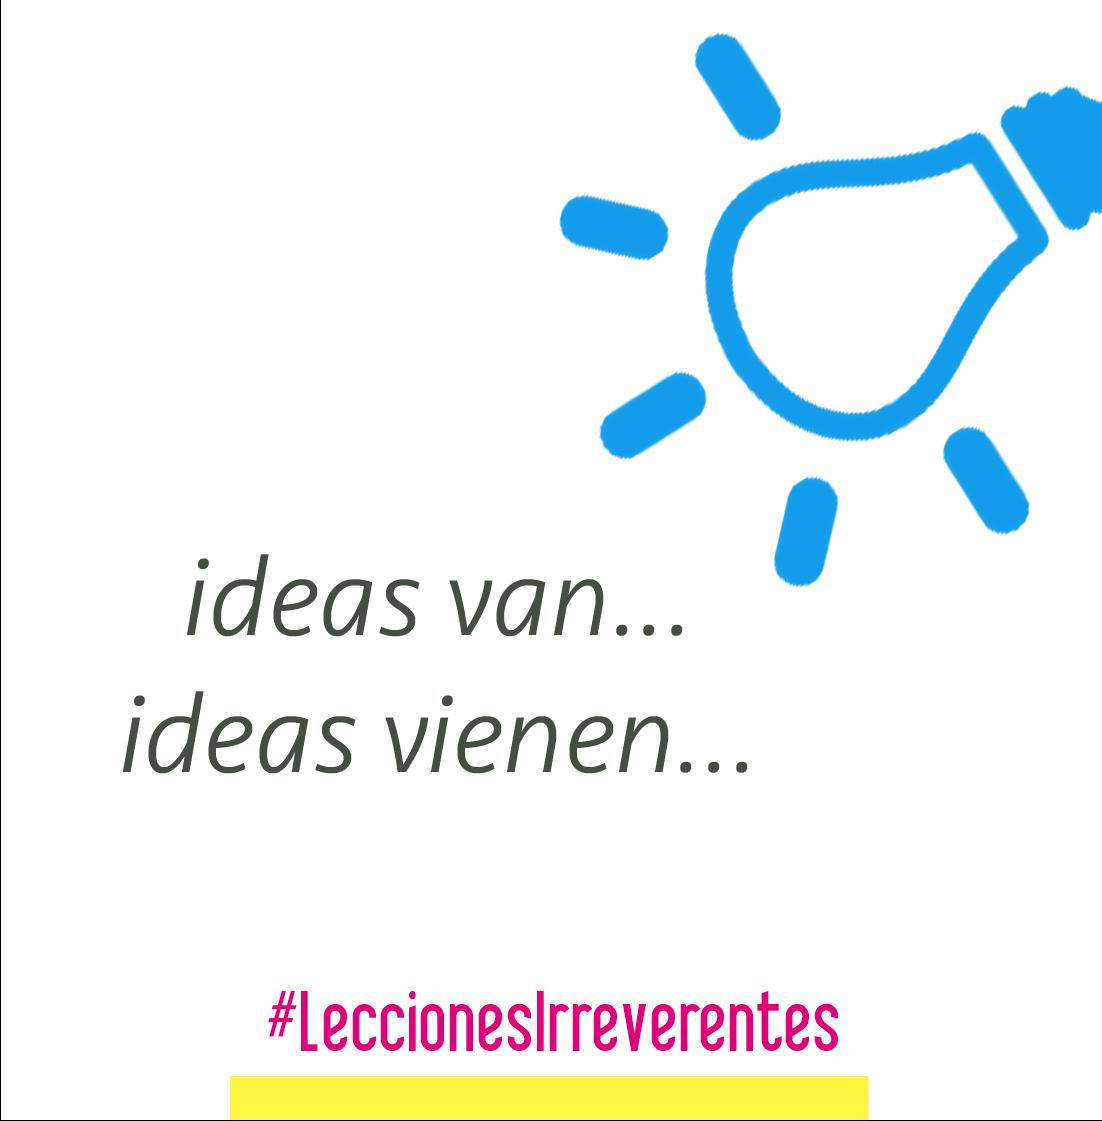 Idearemos - Lecciones Irreverentes - Ideas - Redes Sociales Panamá - Social Media Panamá